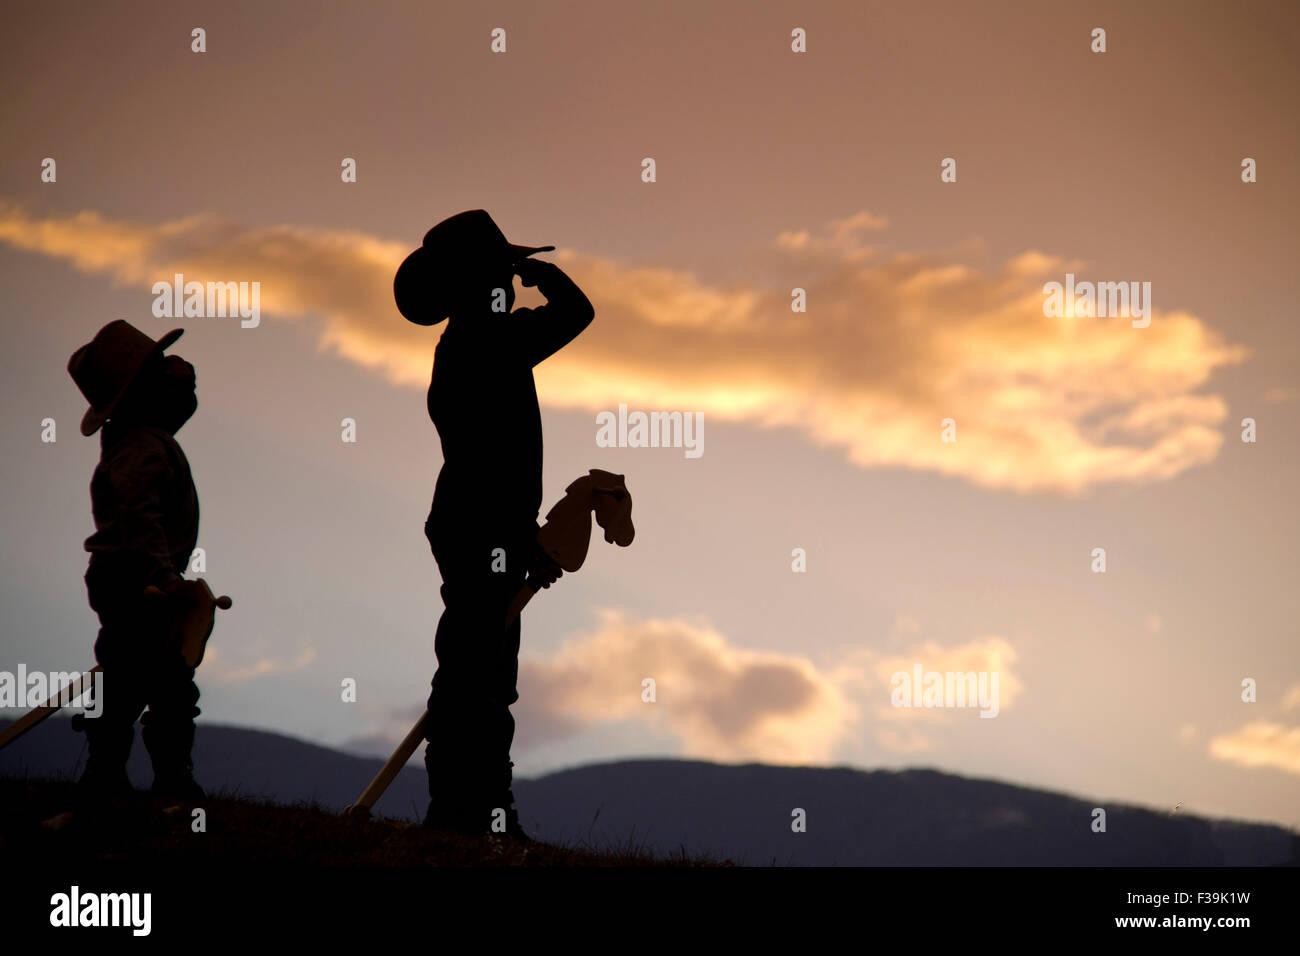 Silhouette di due ragazzi con i cavalli hobby fingendo di essere cowboy salutando con orgoglio Immagini Stock